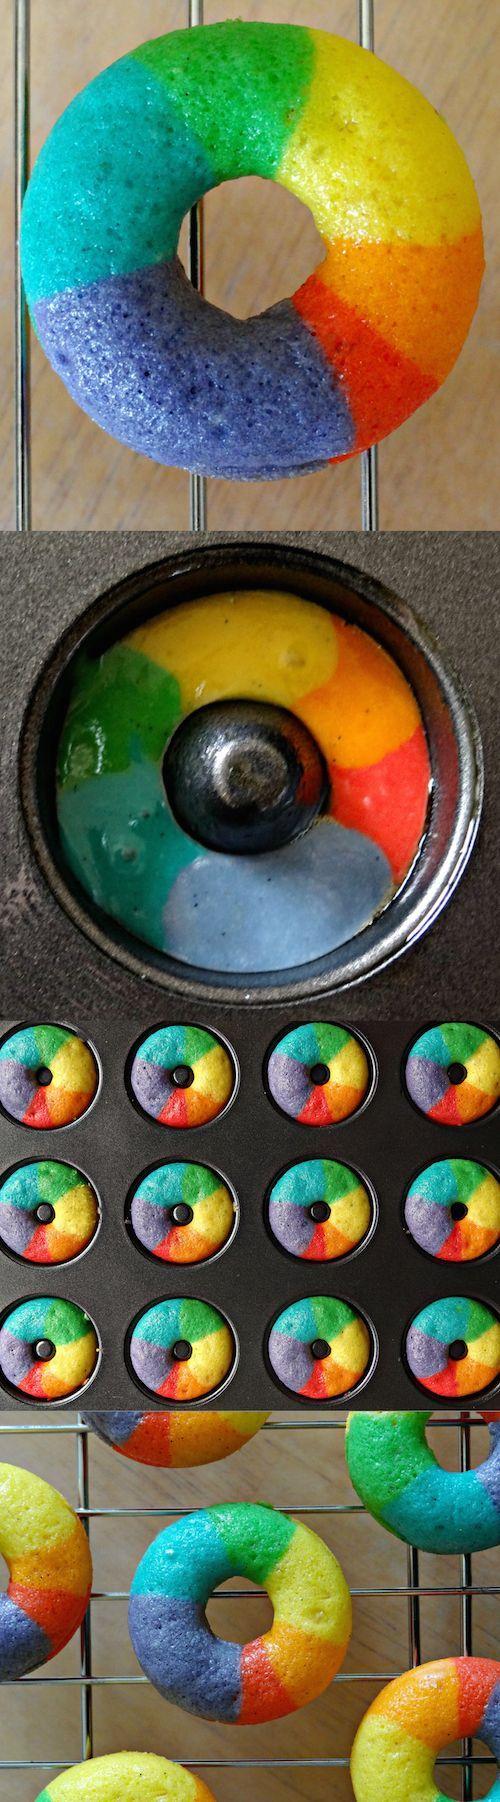 donas de colores